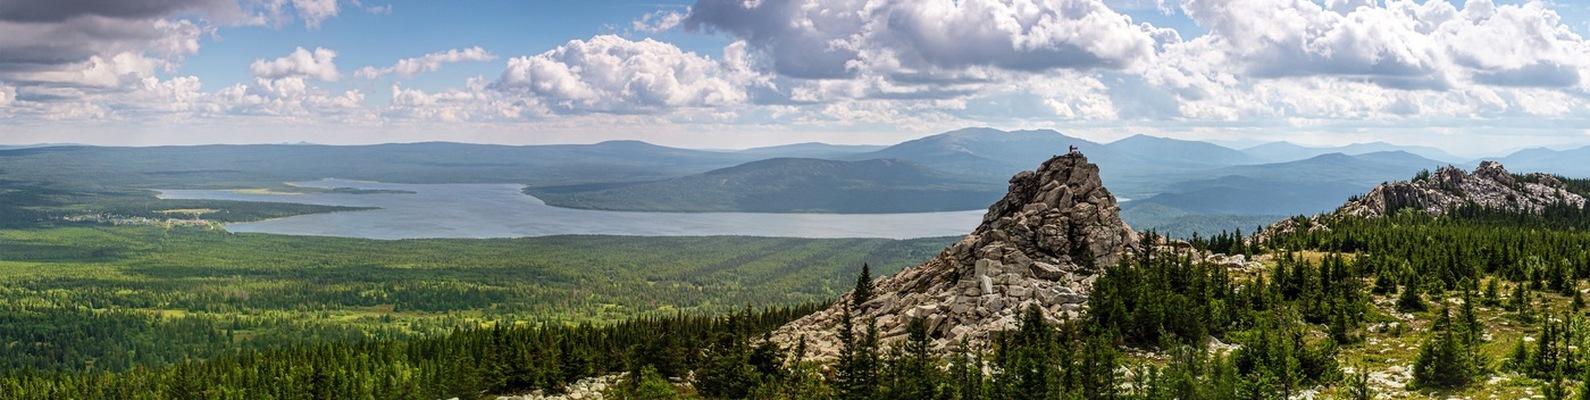 Хребет Зюраткуль + озеро 06.07.19 | ВКонтакте